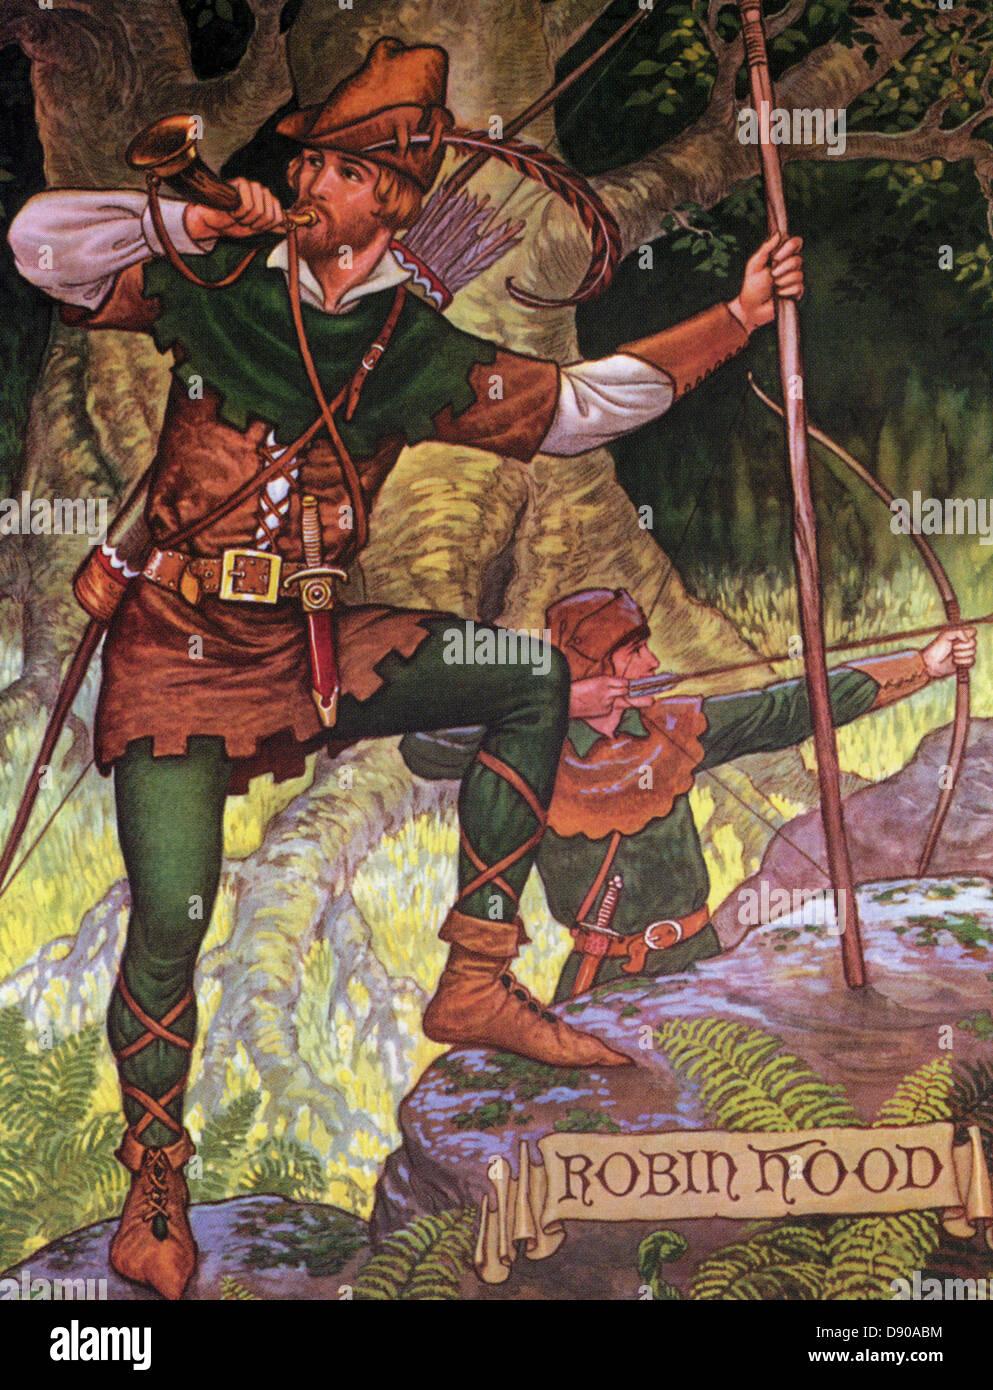 Héroe del folclore británico ROBIN HOOD en un libro de 1930 Imagen De Stock